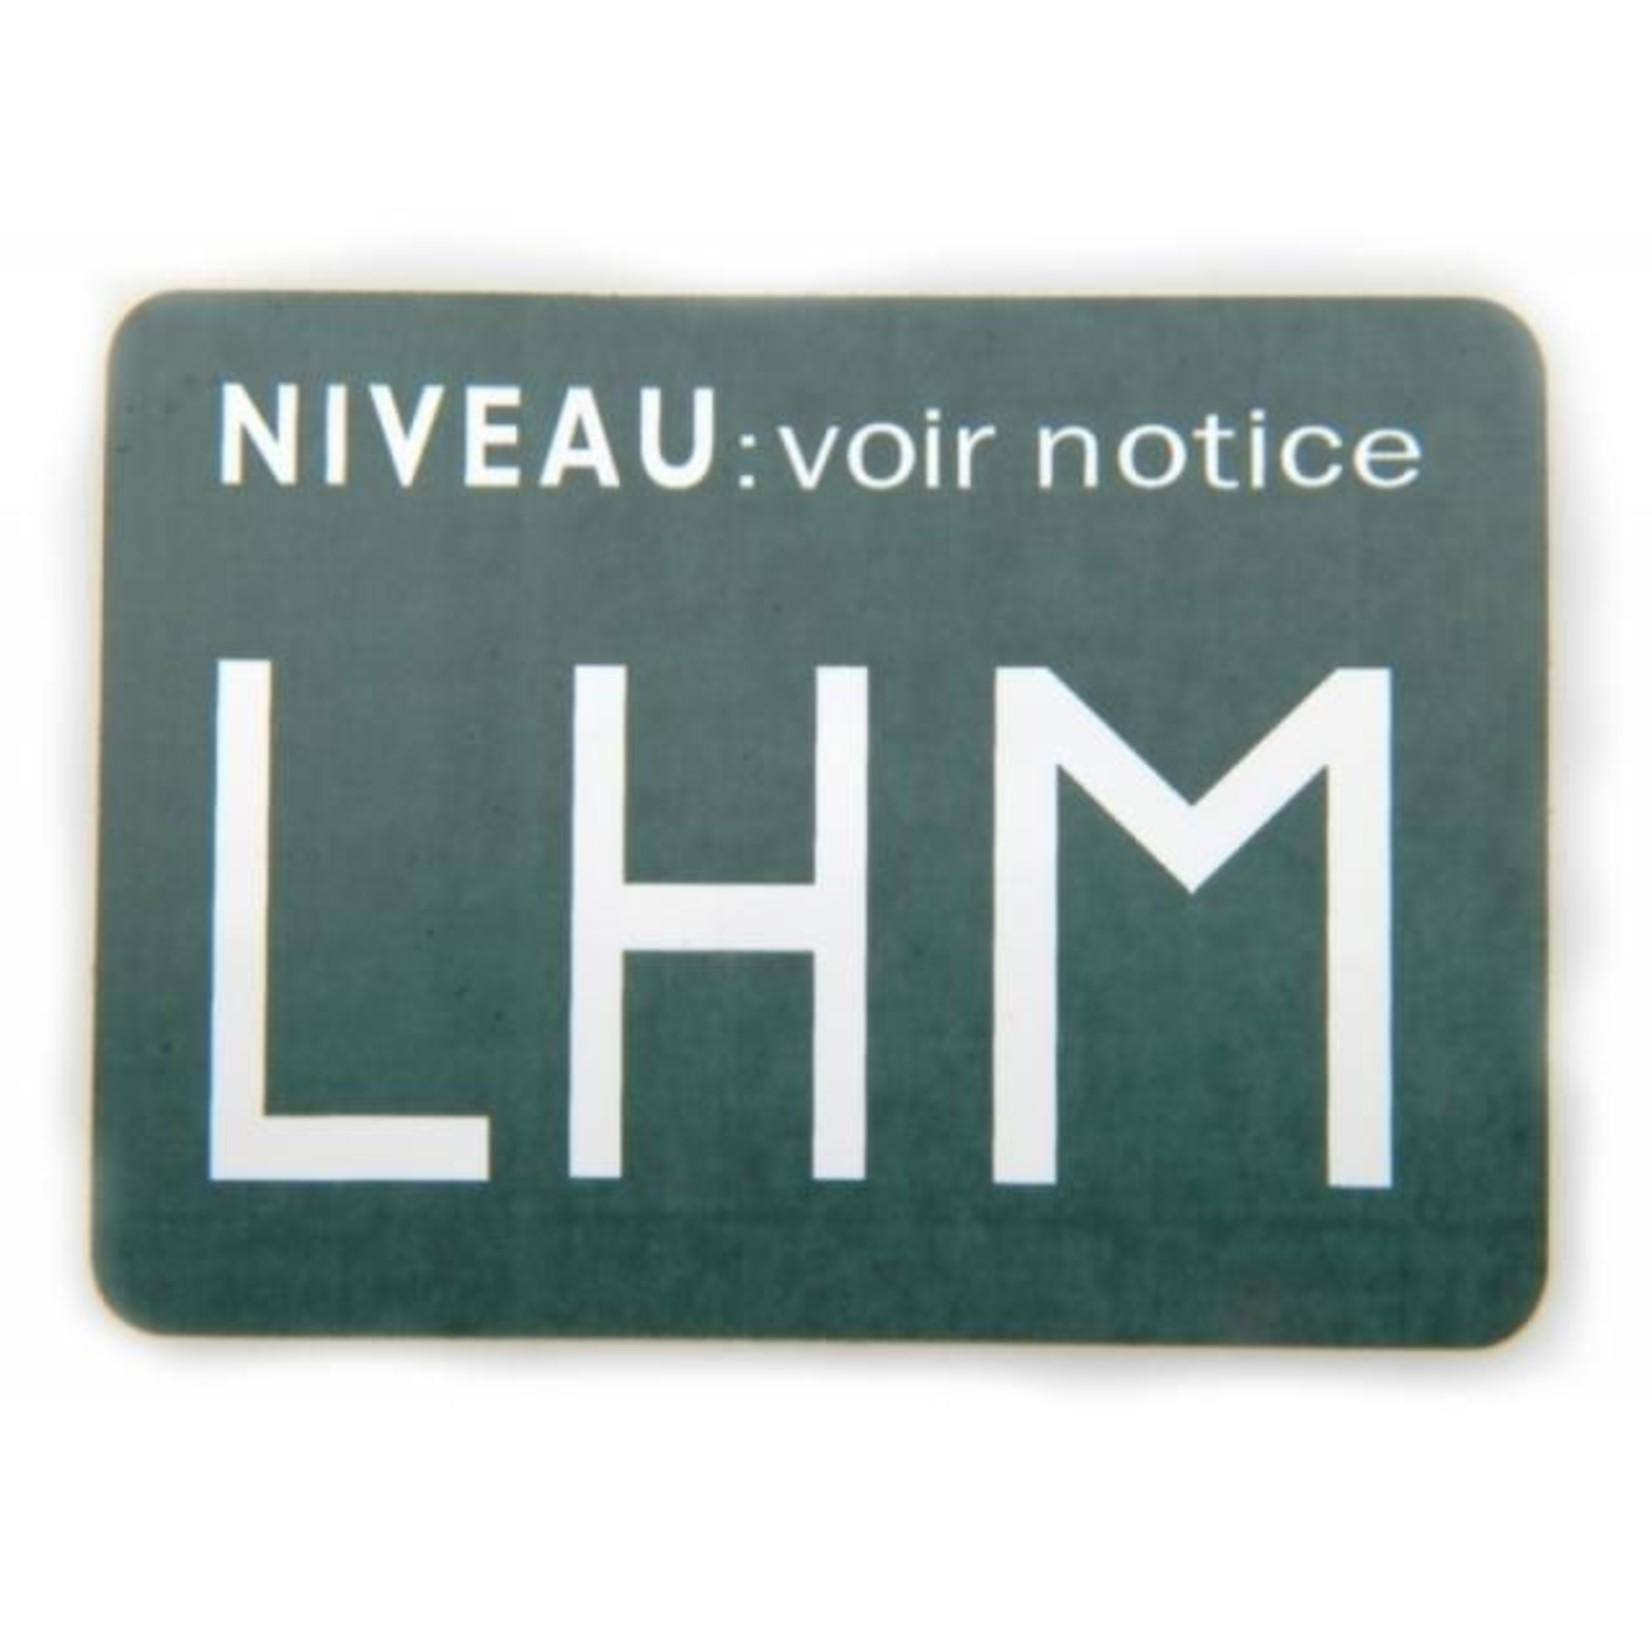 Sticker LHM boven voorraadvat